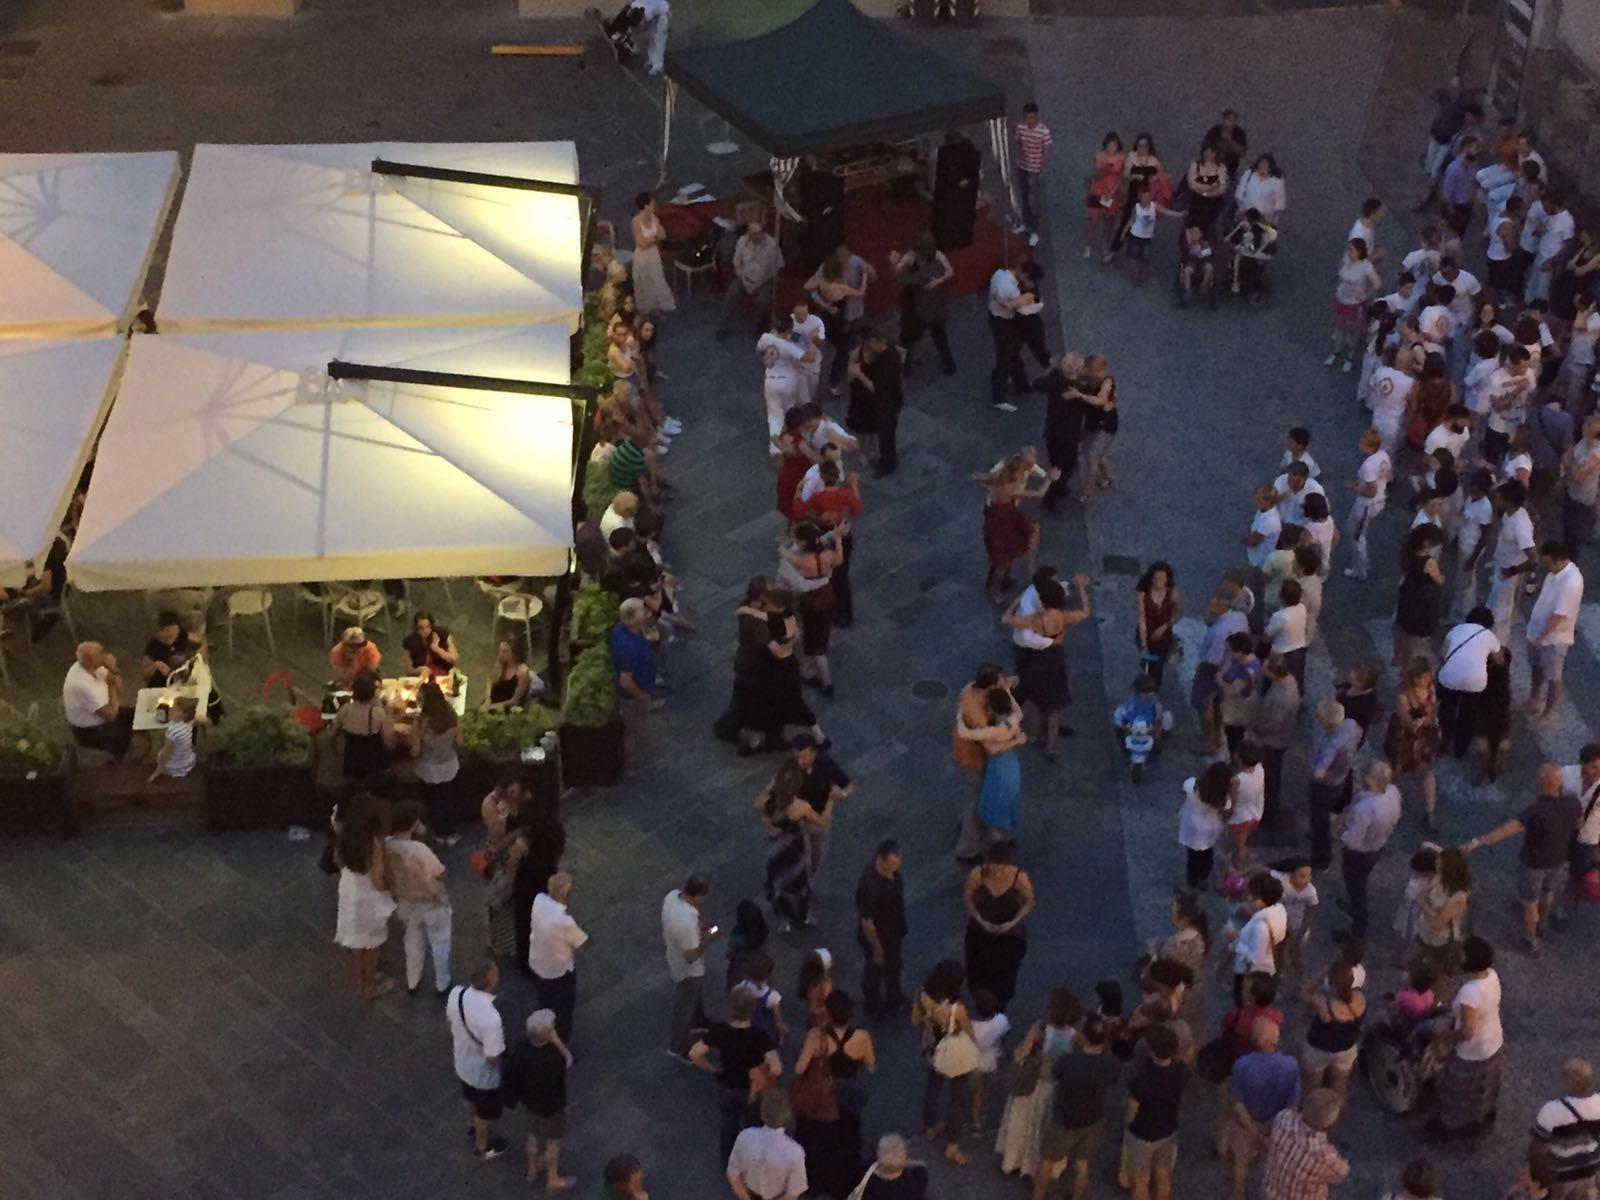 Venerdì 7 luglio a Fossano al via la 2^ edizione di TI LU TASTY